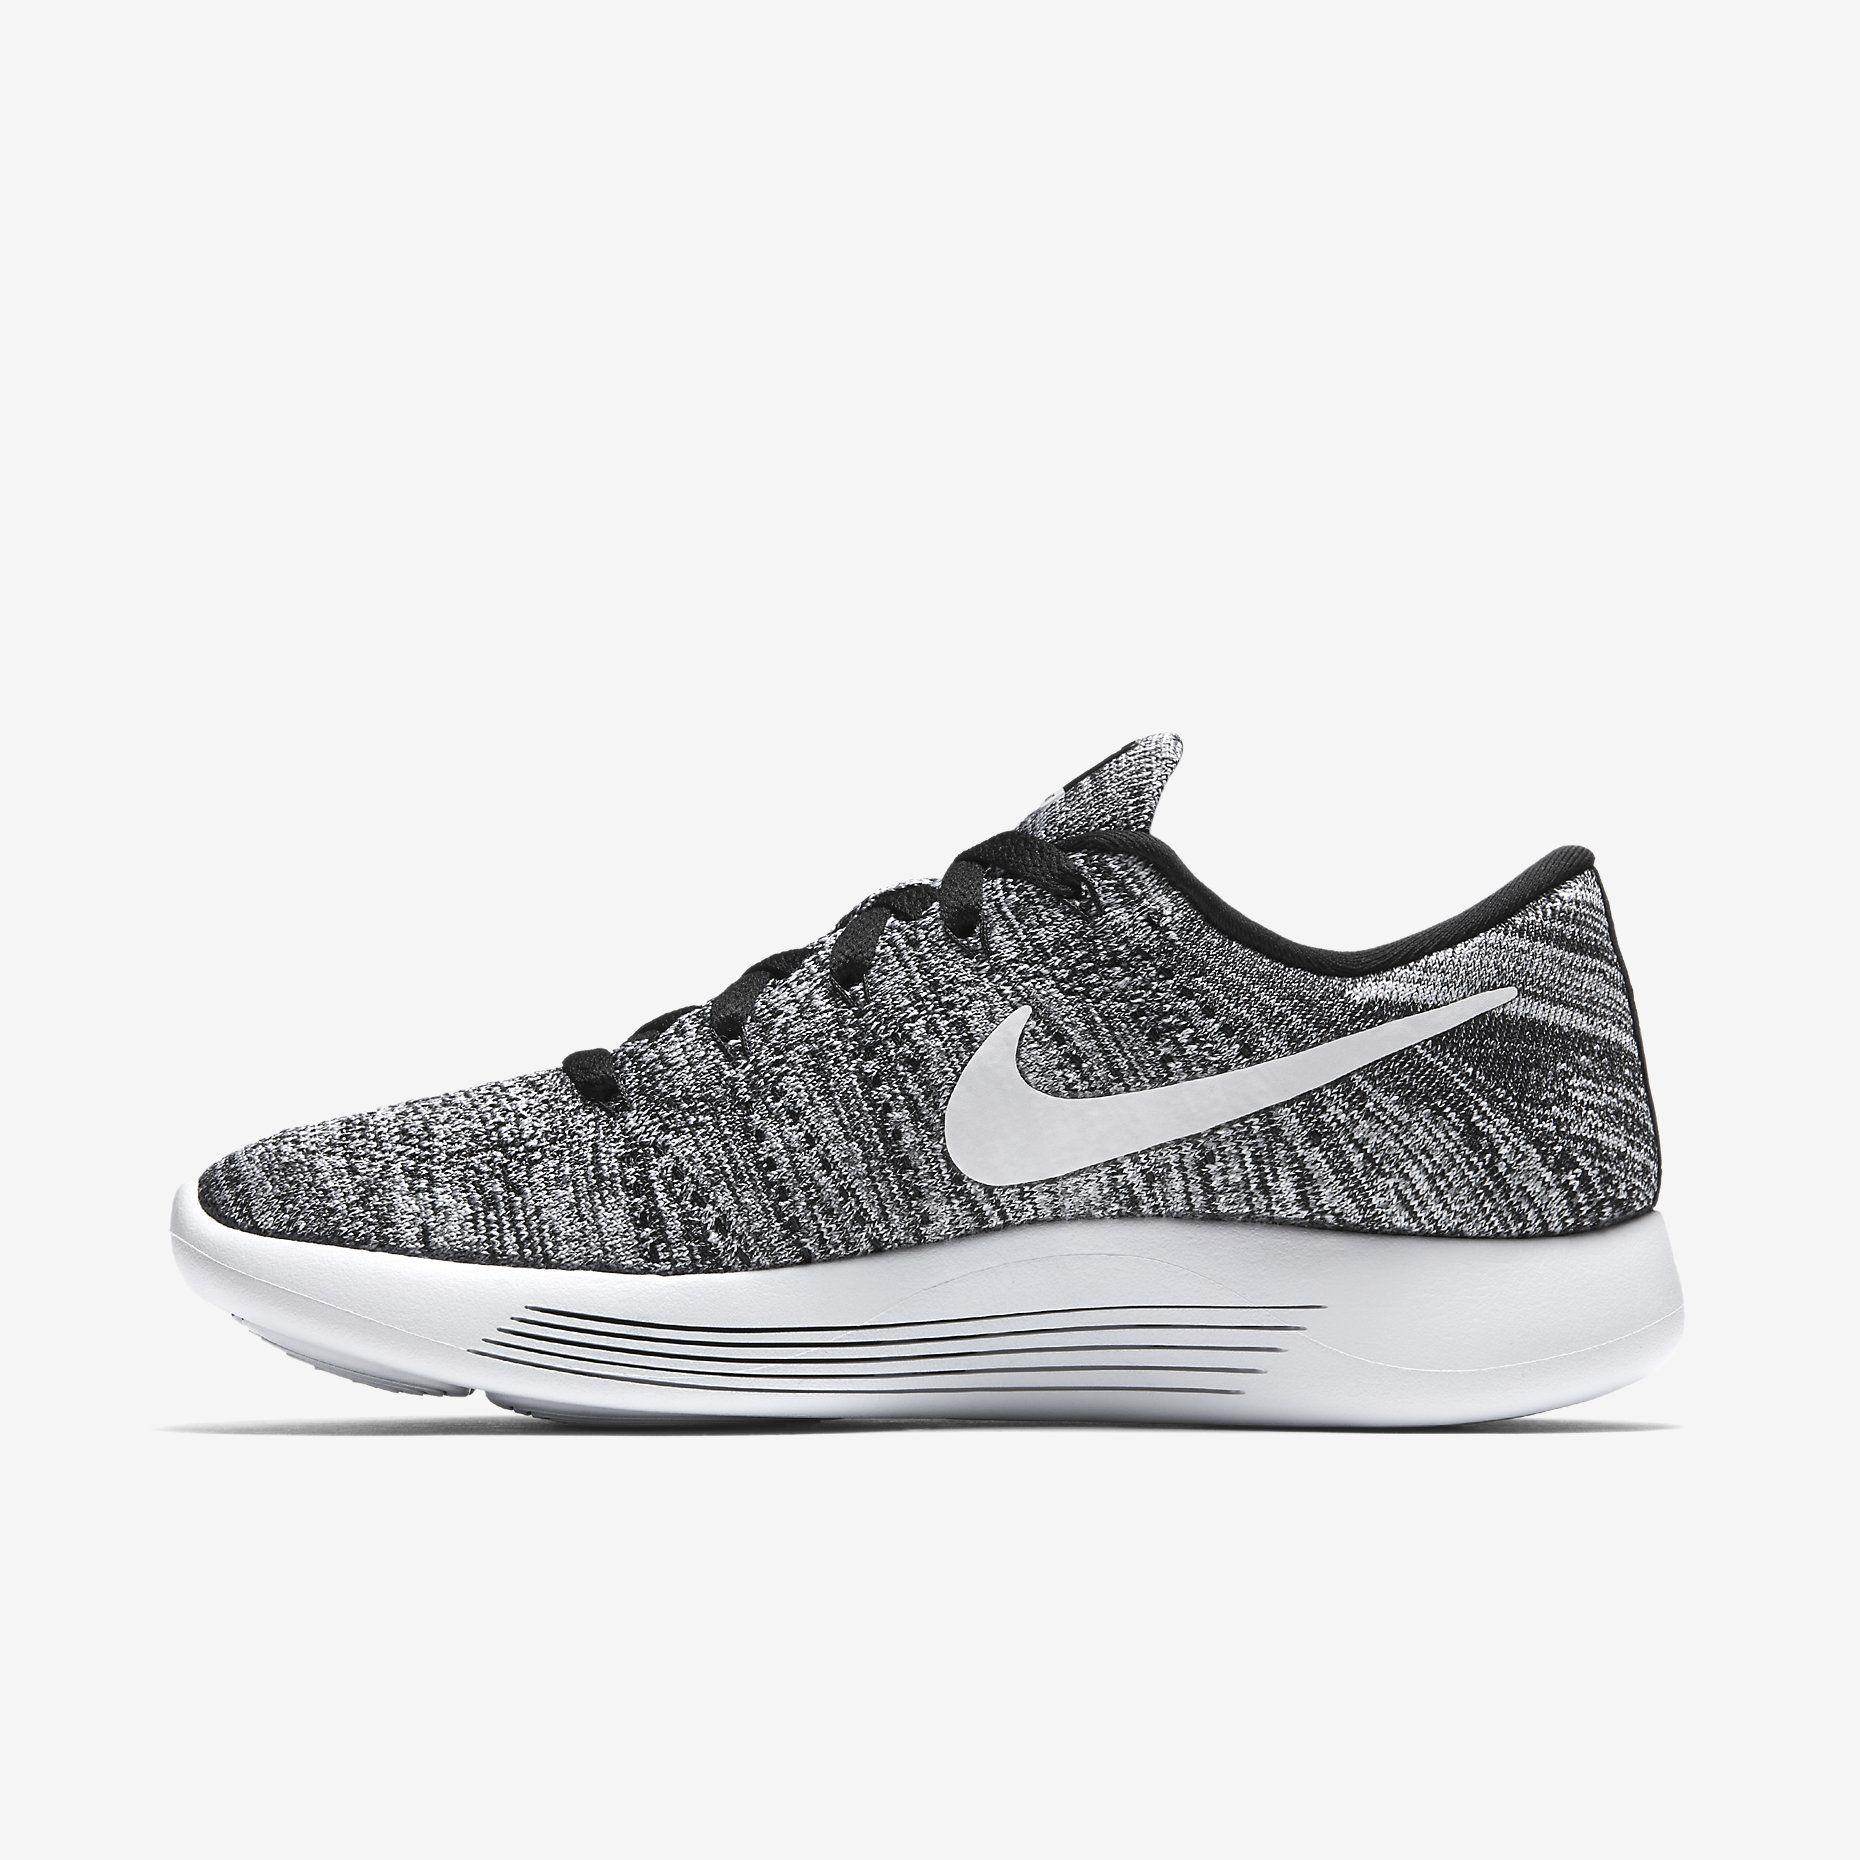 nike womens free flyknit+ shoe - black/white/grey tile